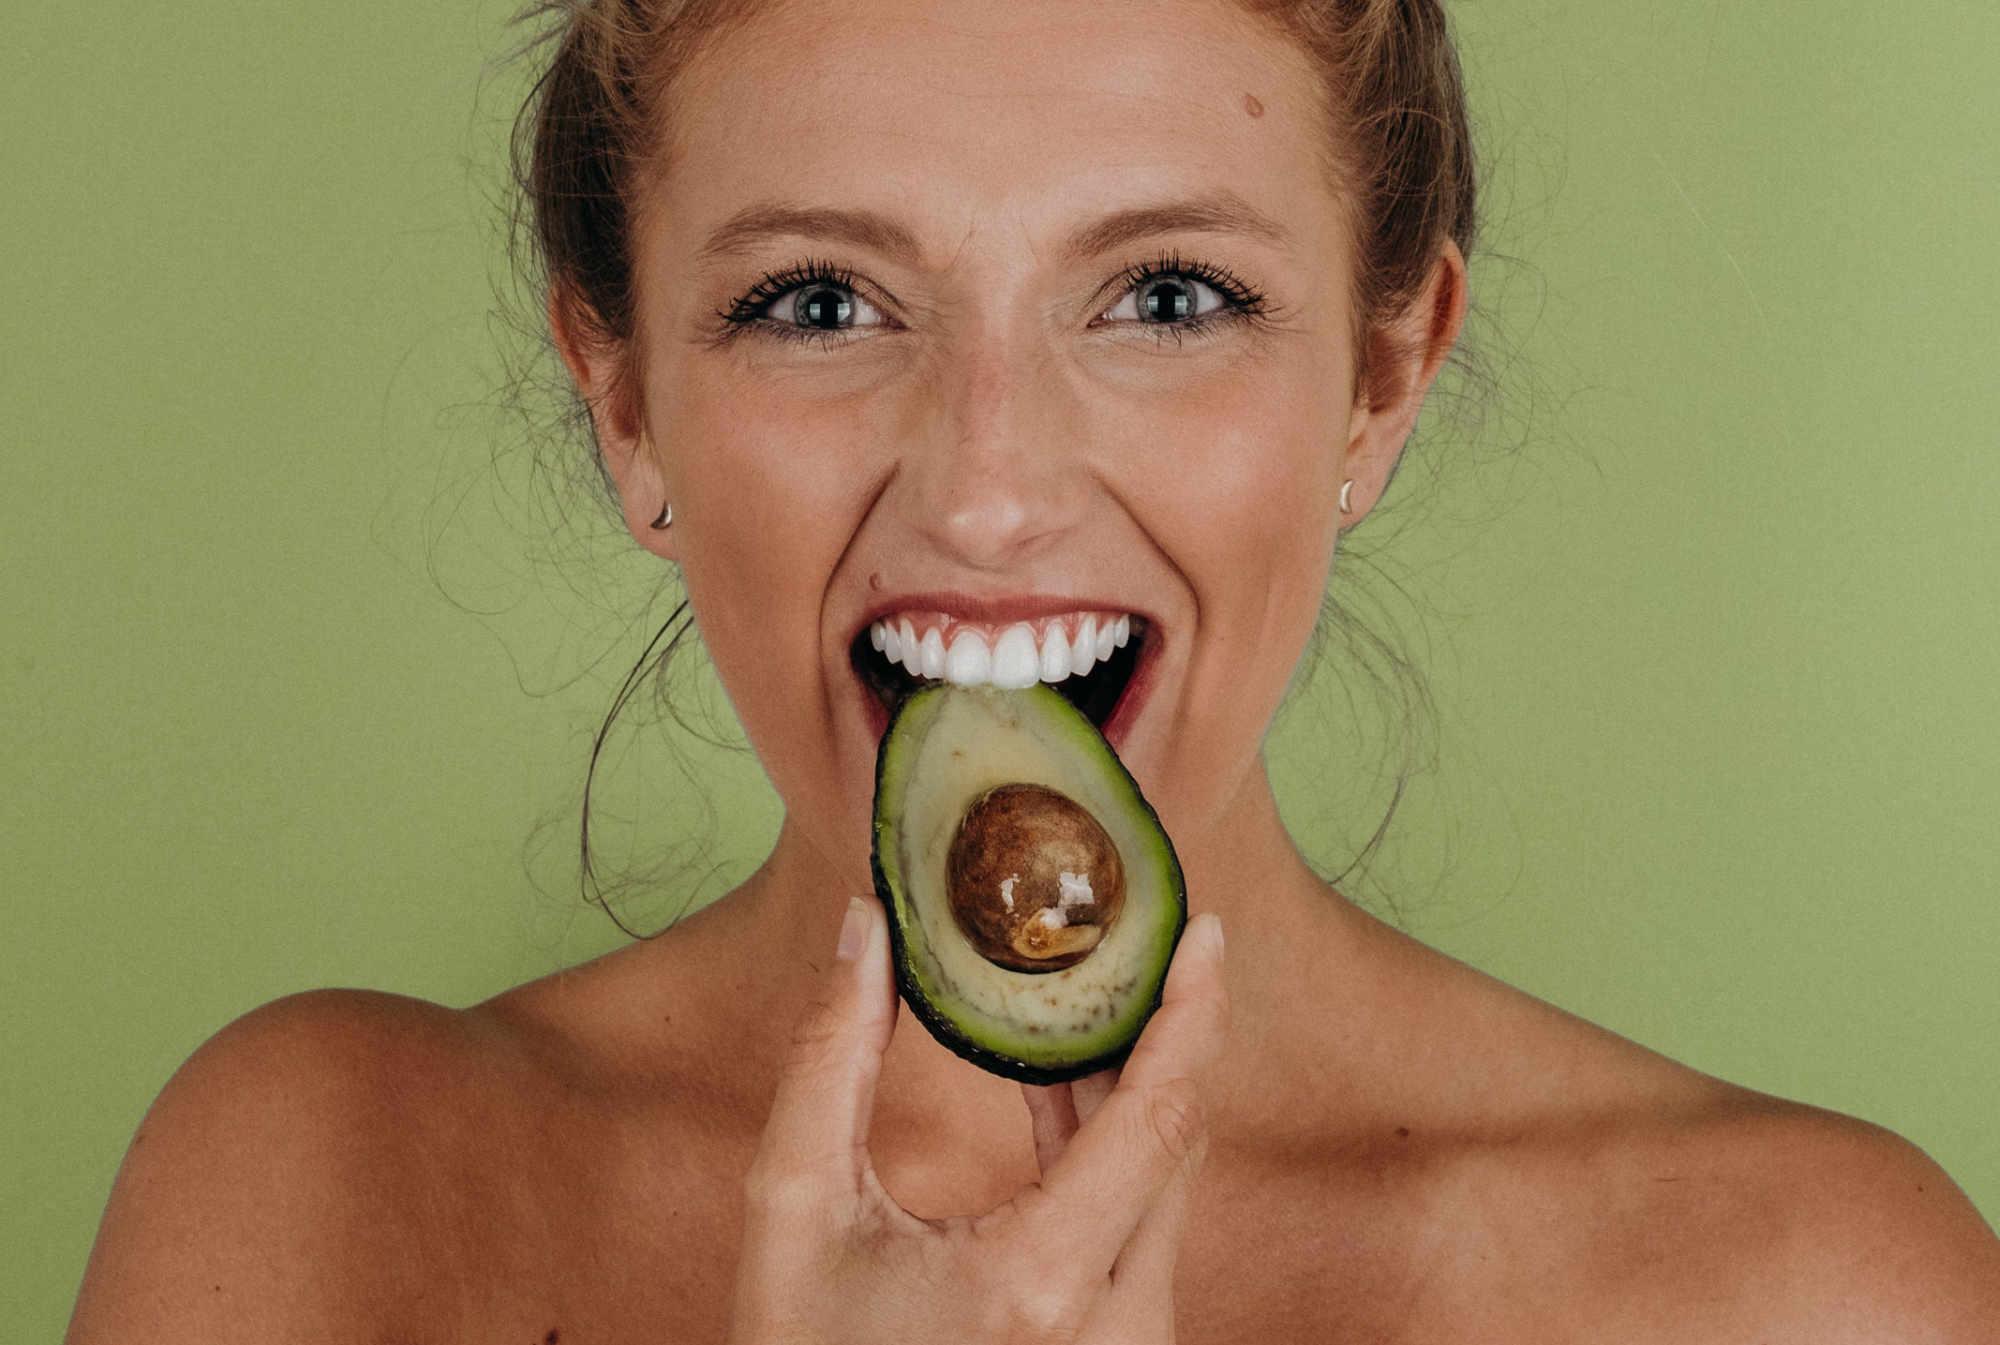 1 avocat par jour aide à réduire le « mauvais » cholestérol